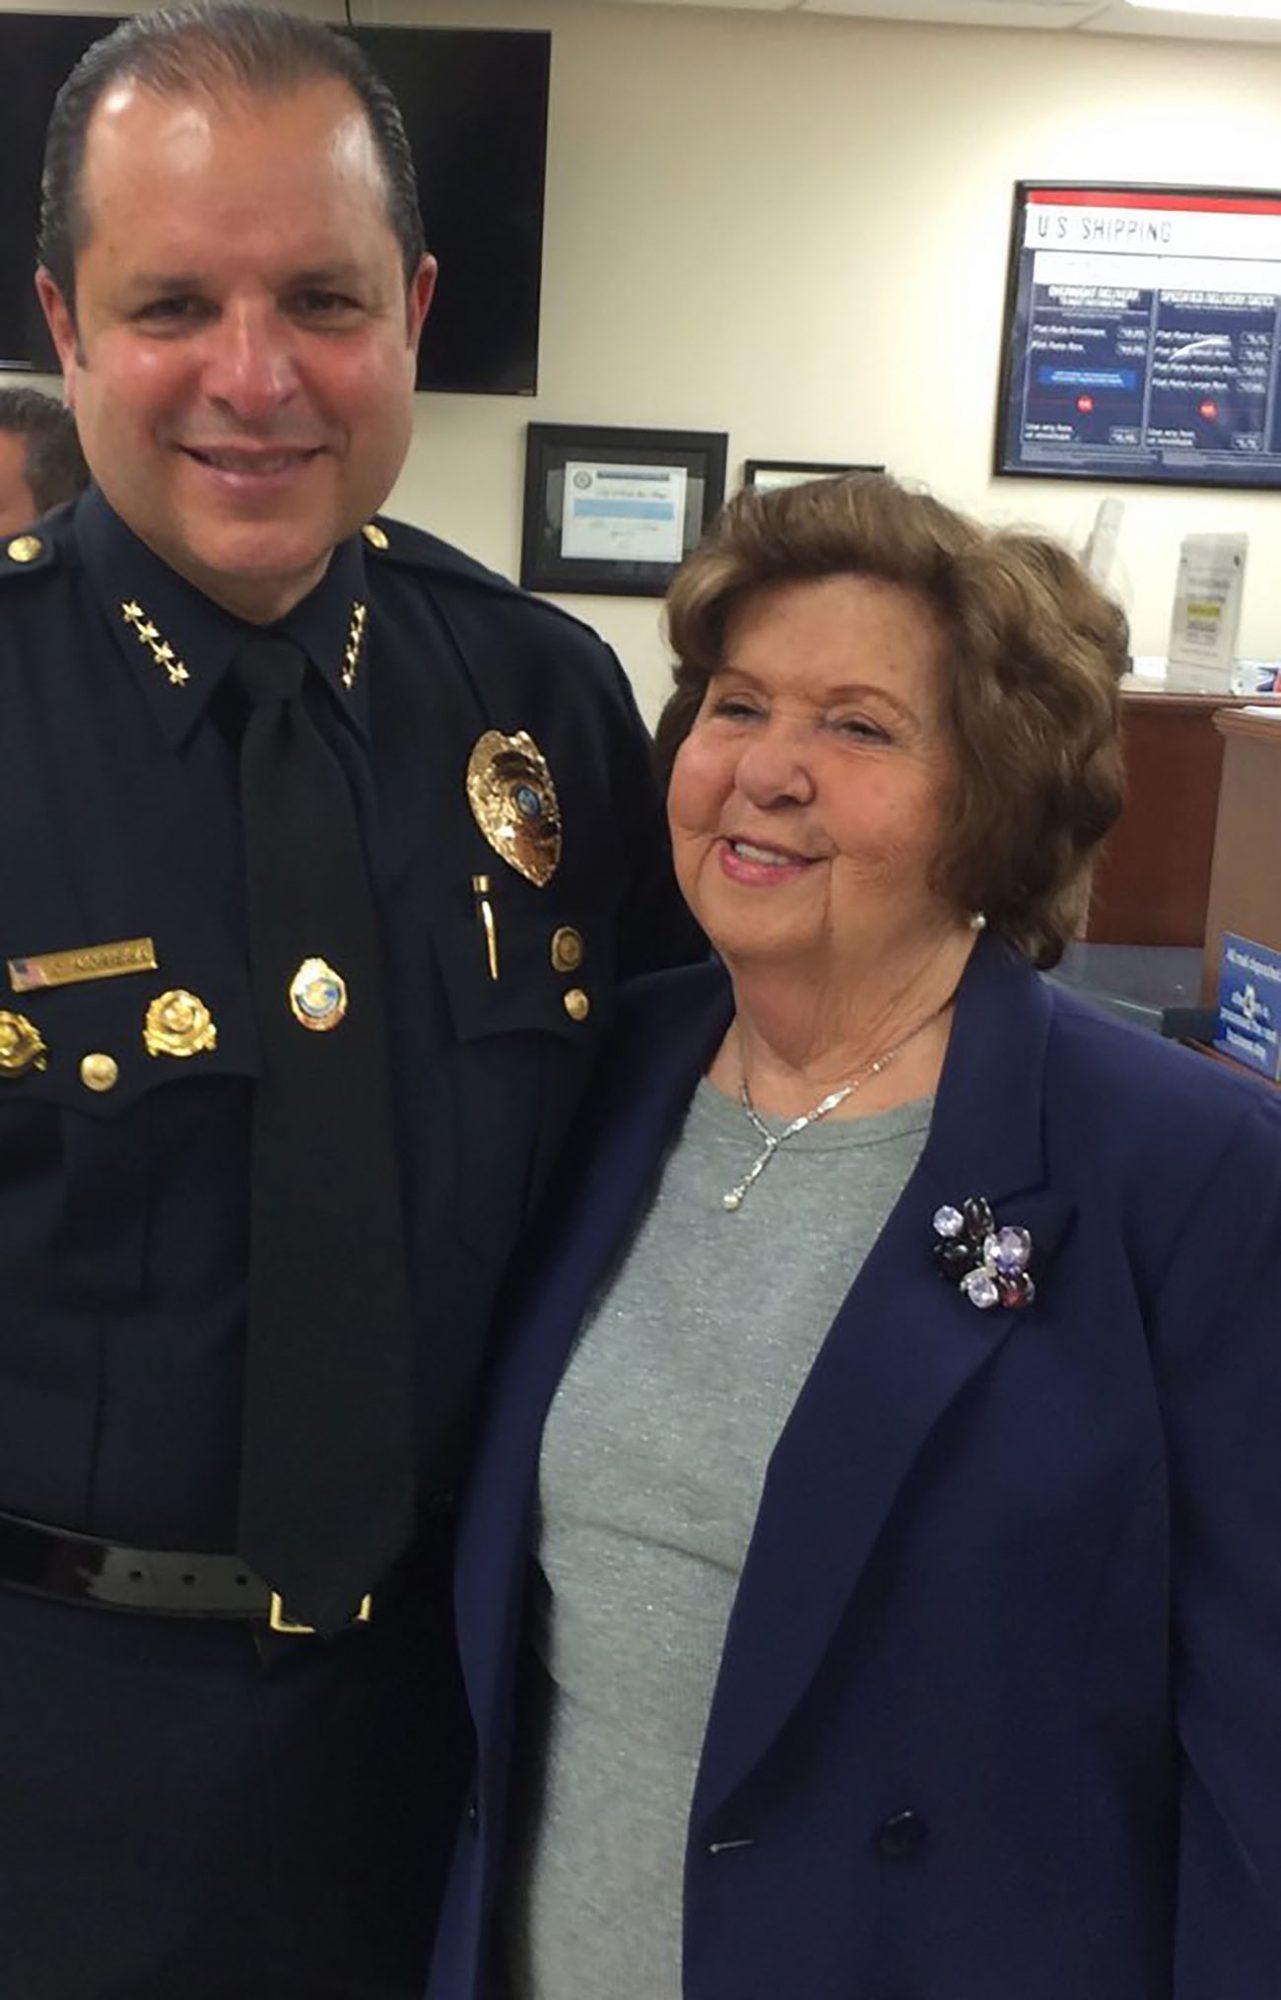 Capitan de policia de miami Carlos Noriega con su madre Hilda Noriega